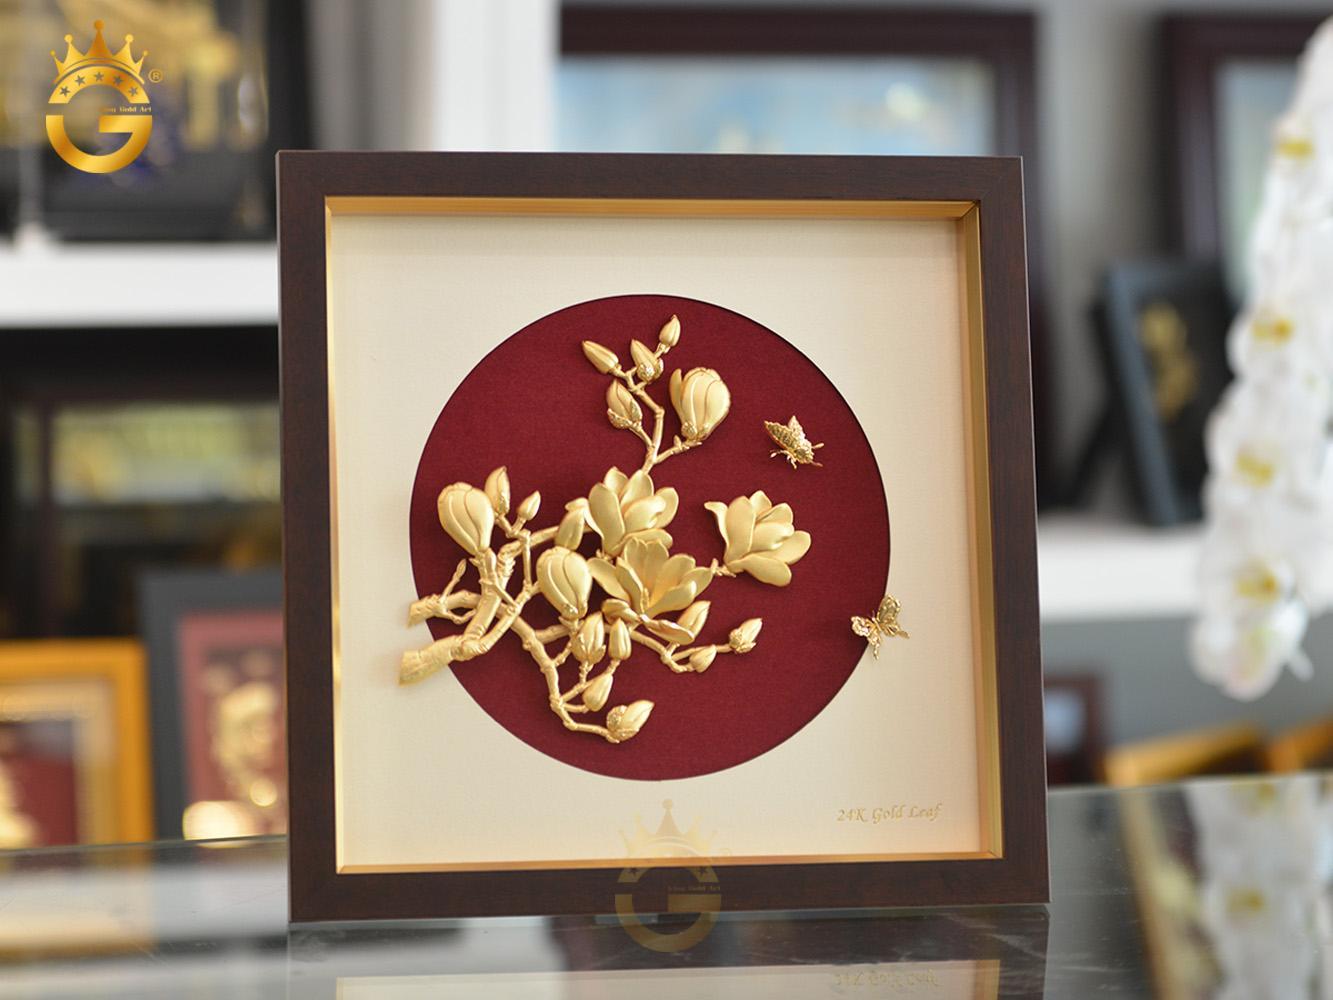 Tranh hoa lan bằng vàng 24k đẹp tinh xảo từng chi tiết